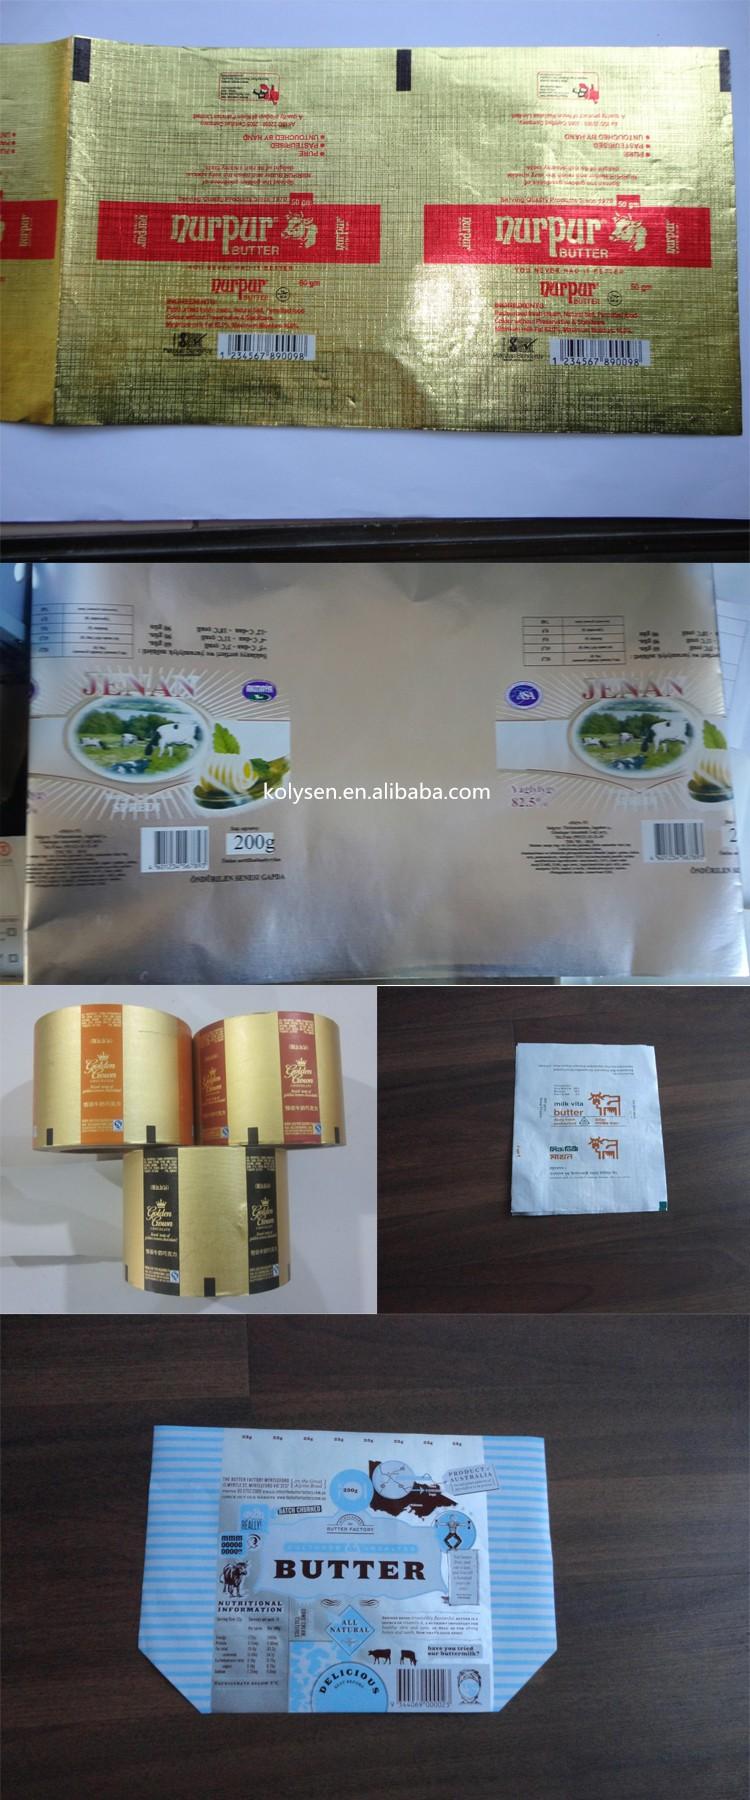 エンボス印刷ラッピングアルミニウム箔積層バター紙